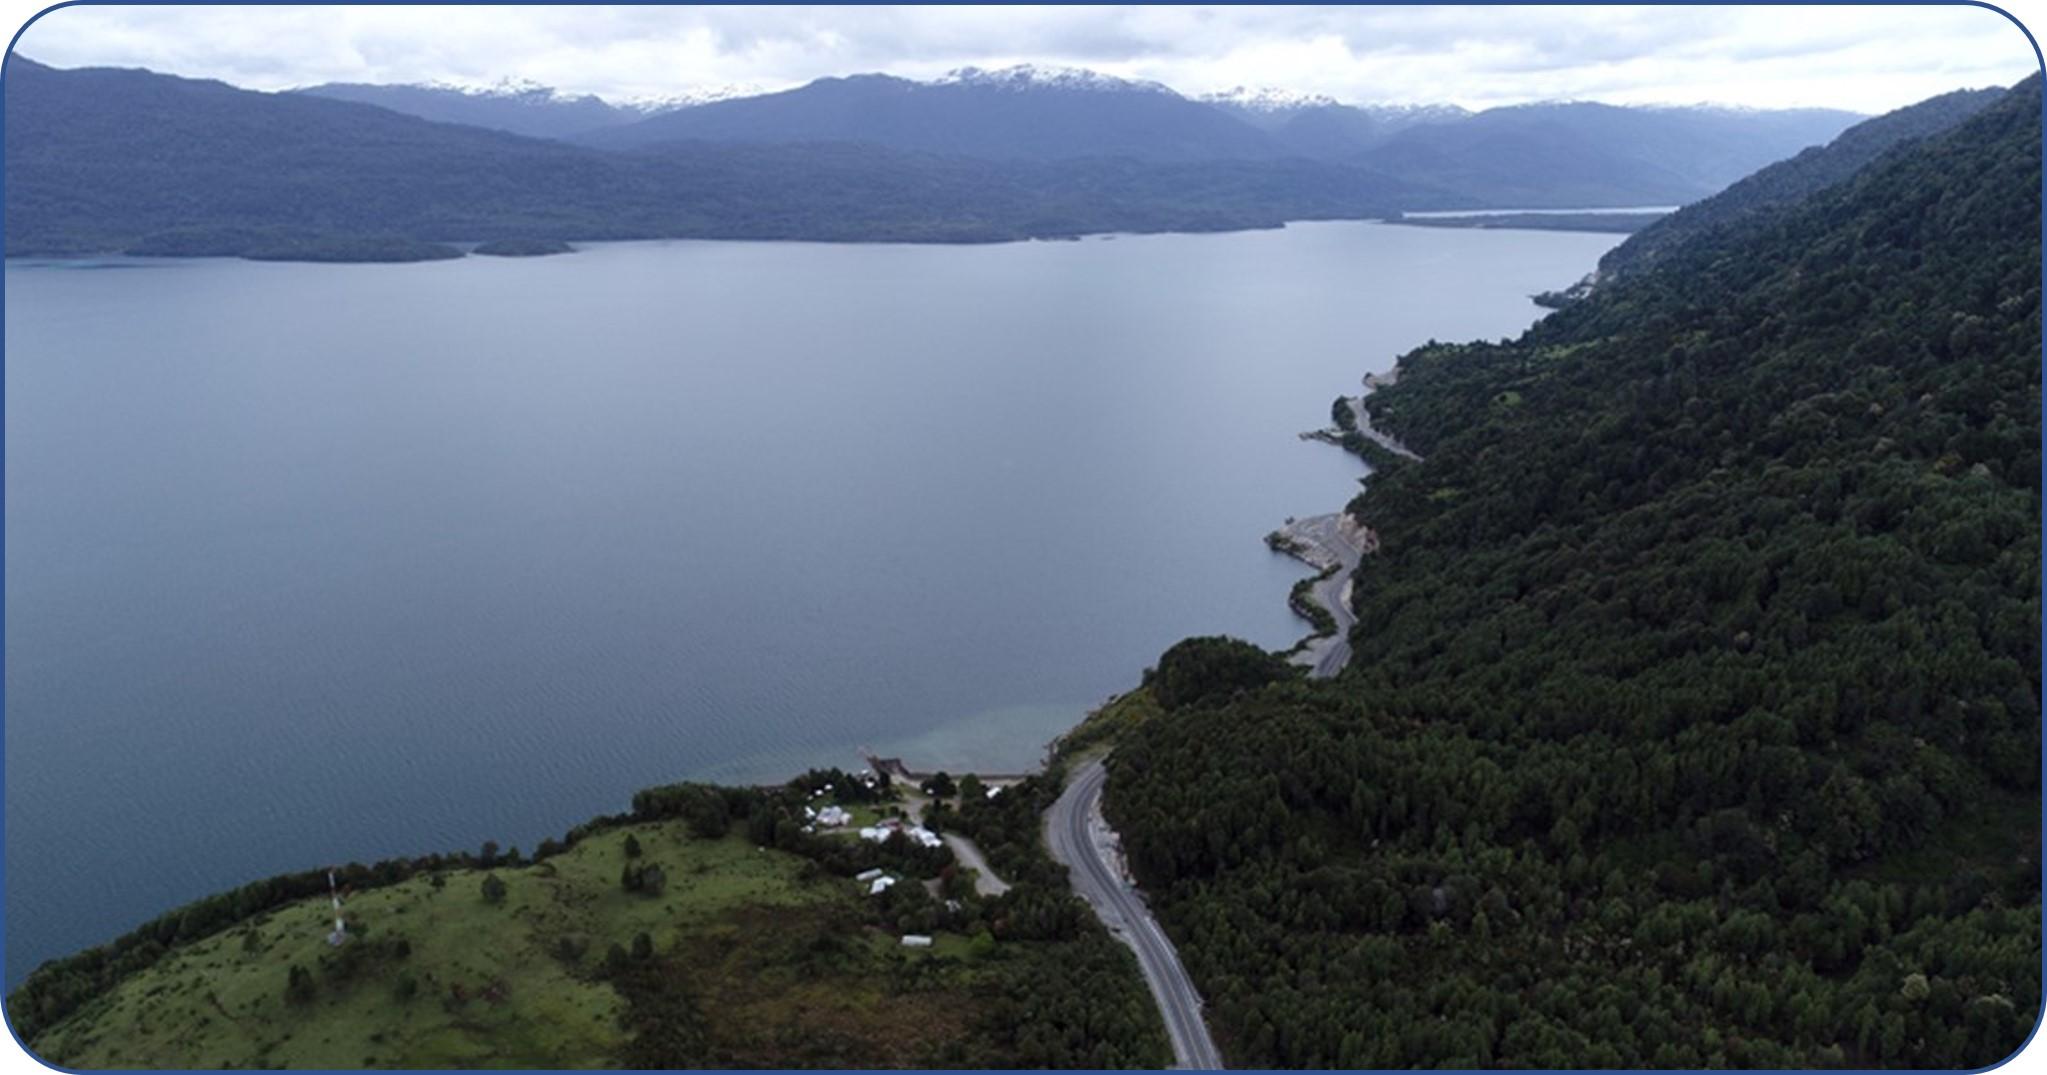 Floraciones algales nocivas y su impacto en el Fiordo Puyuhuapi